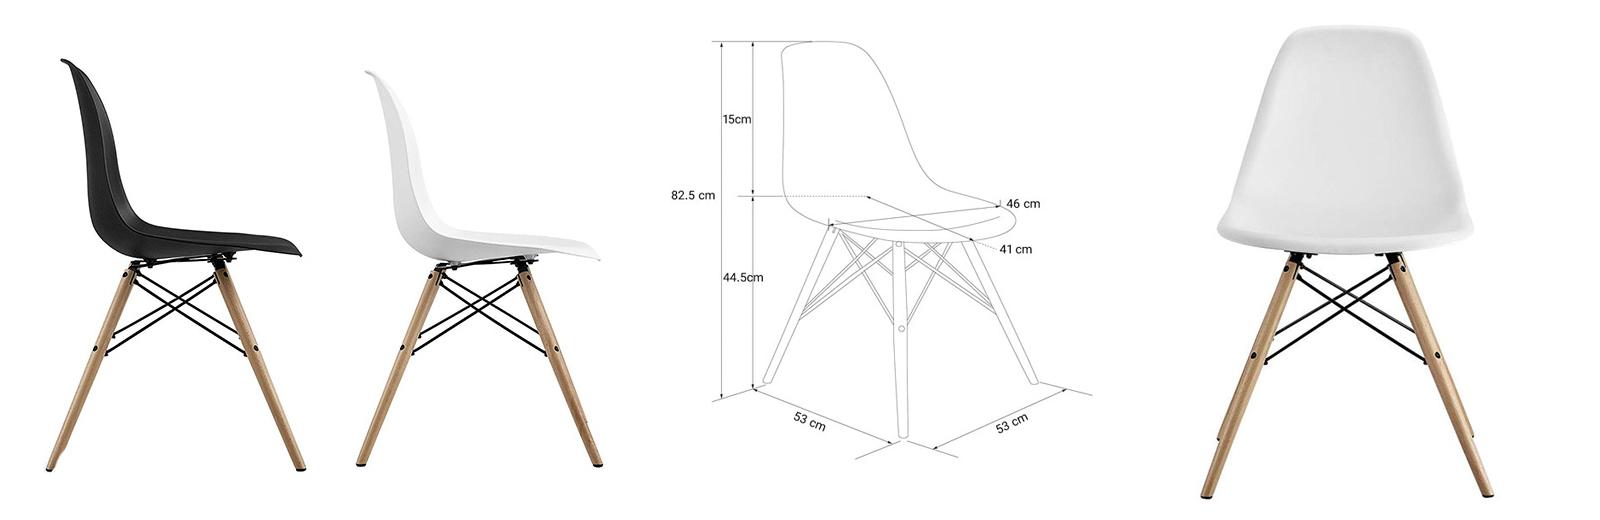 بررسی و خرید صندلی مدرن پلاستیکی مناسب خانه و محل کار